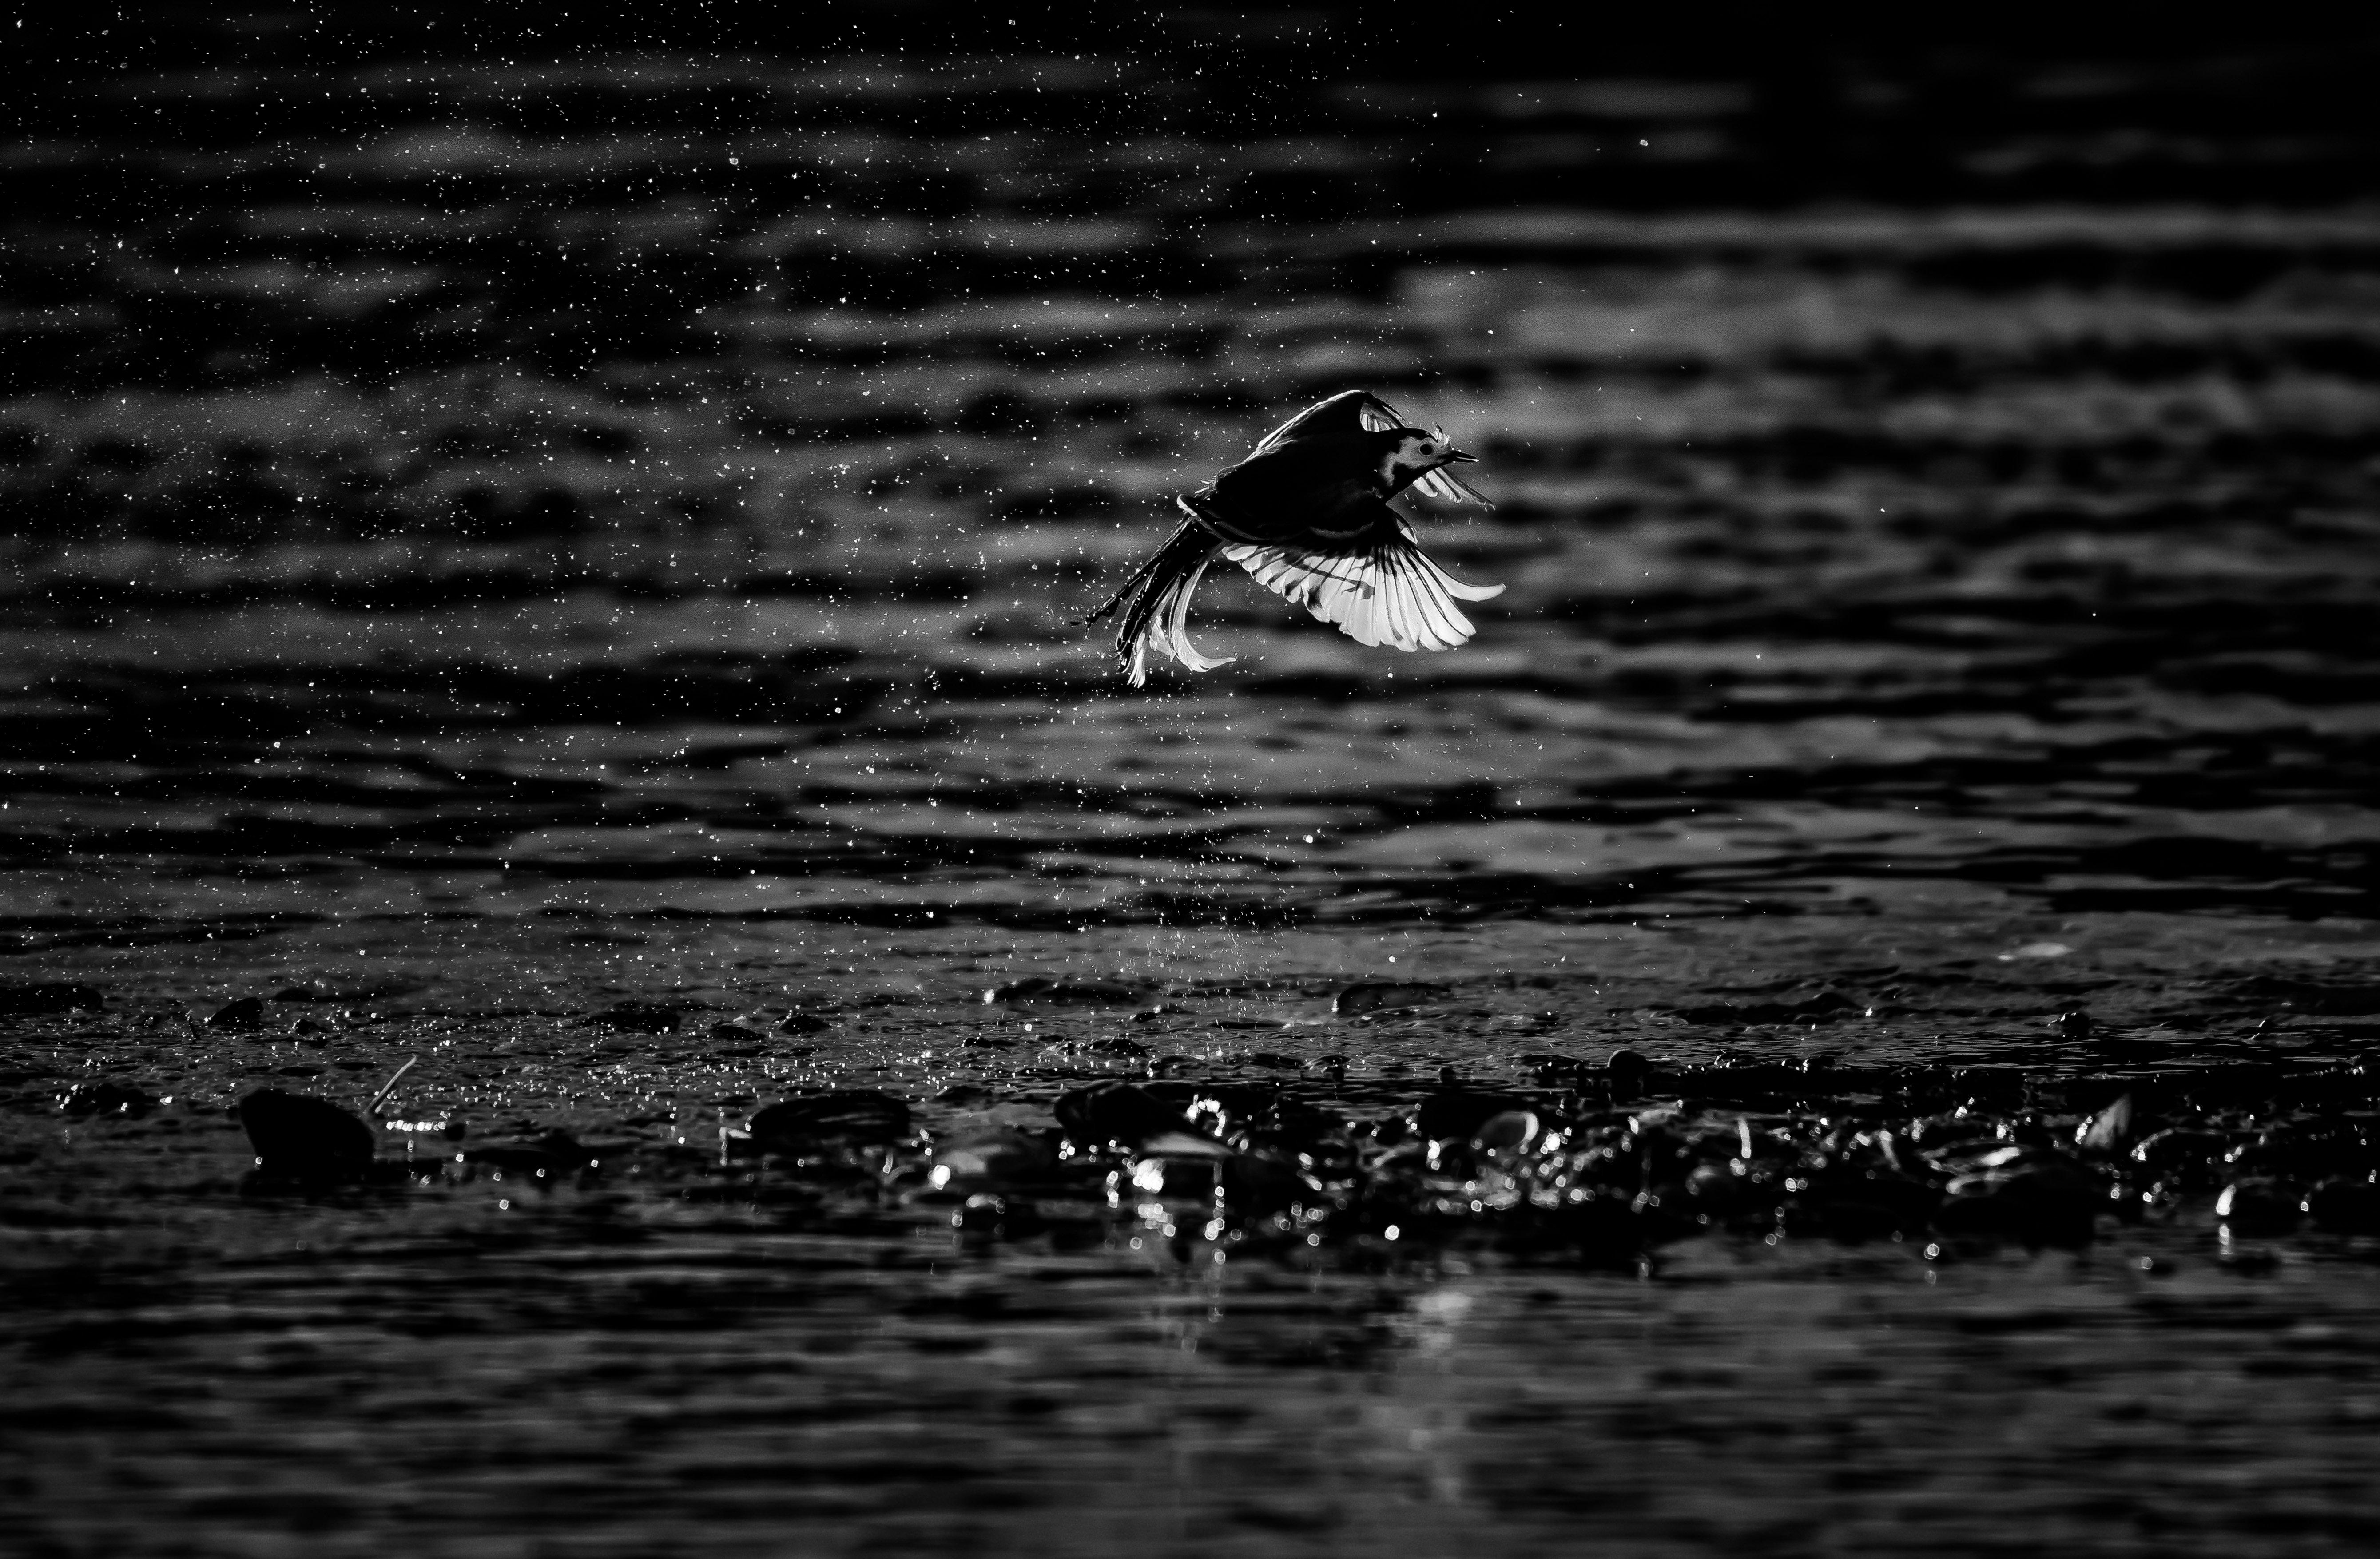 трясогузка, белая трясогузка, motacilla alba, птица в полёте, чб, полёт, крыло, контровый свет, москва река, подмосковье, одинцовский район, аксиньино, Соварцева Ксения